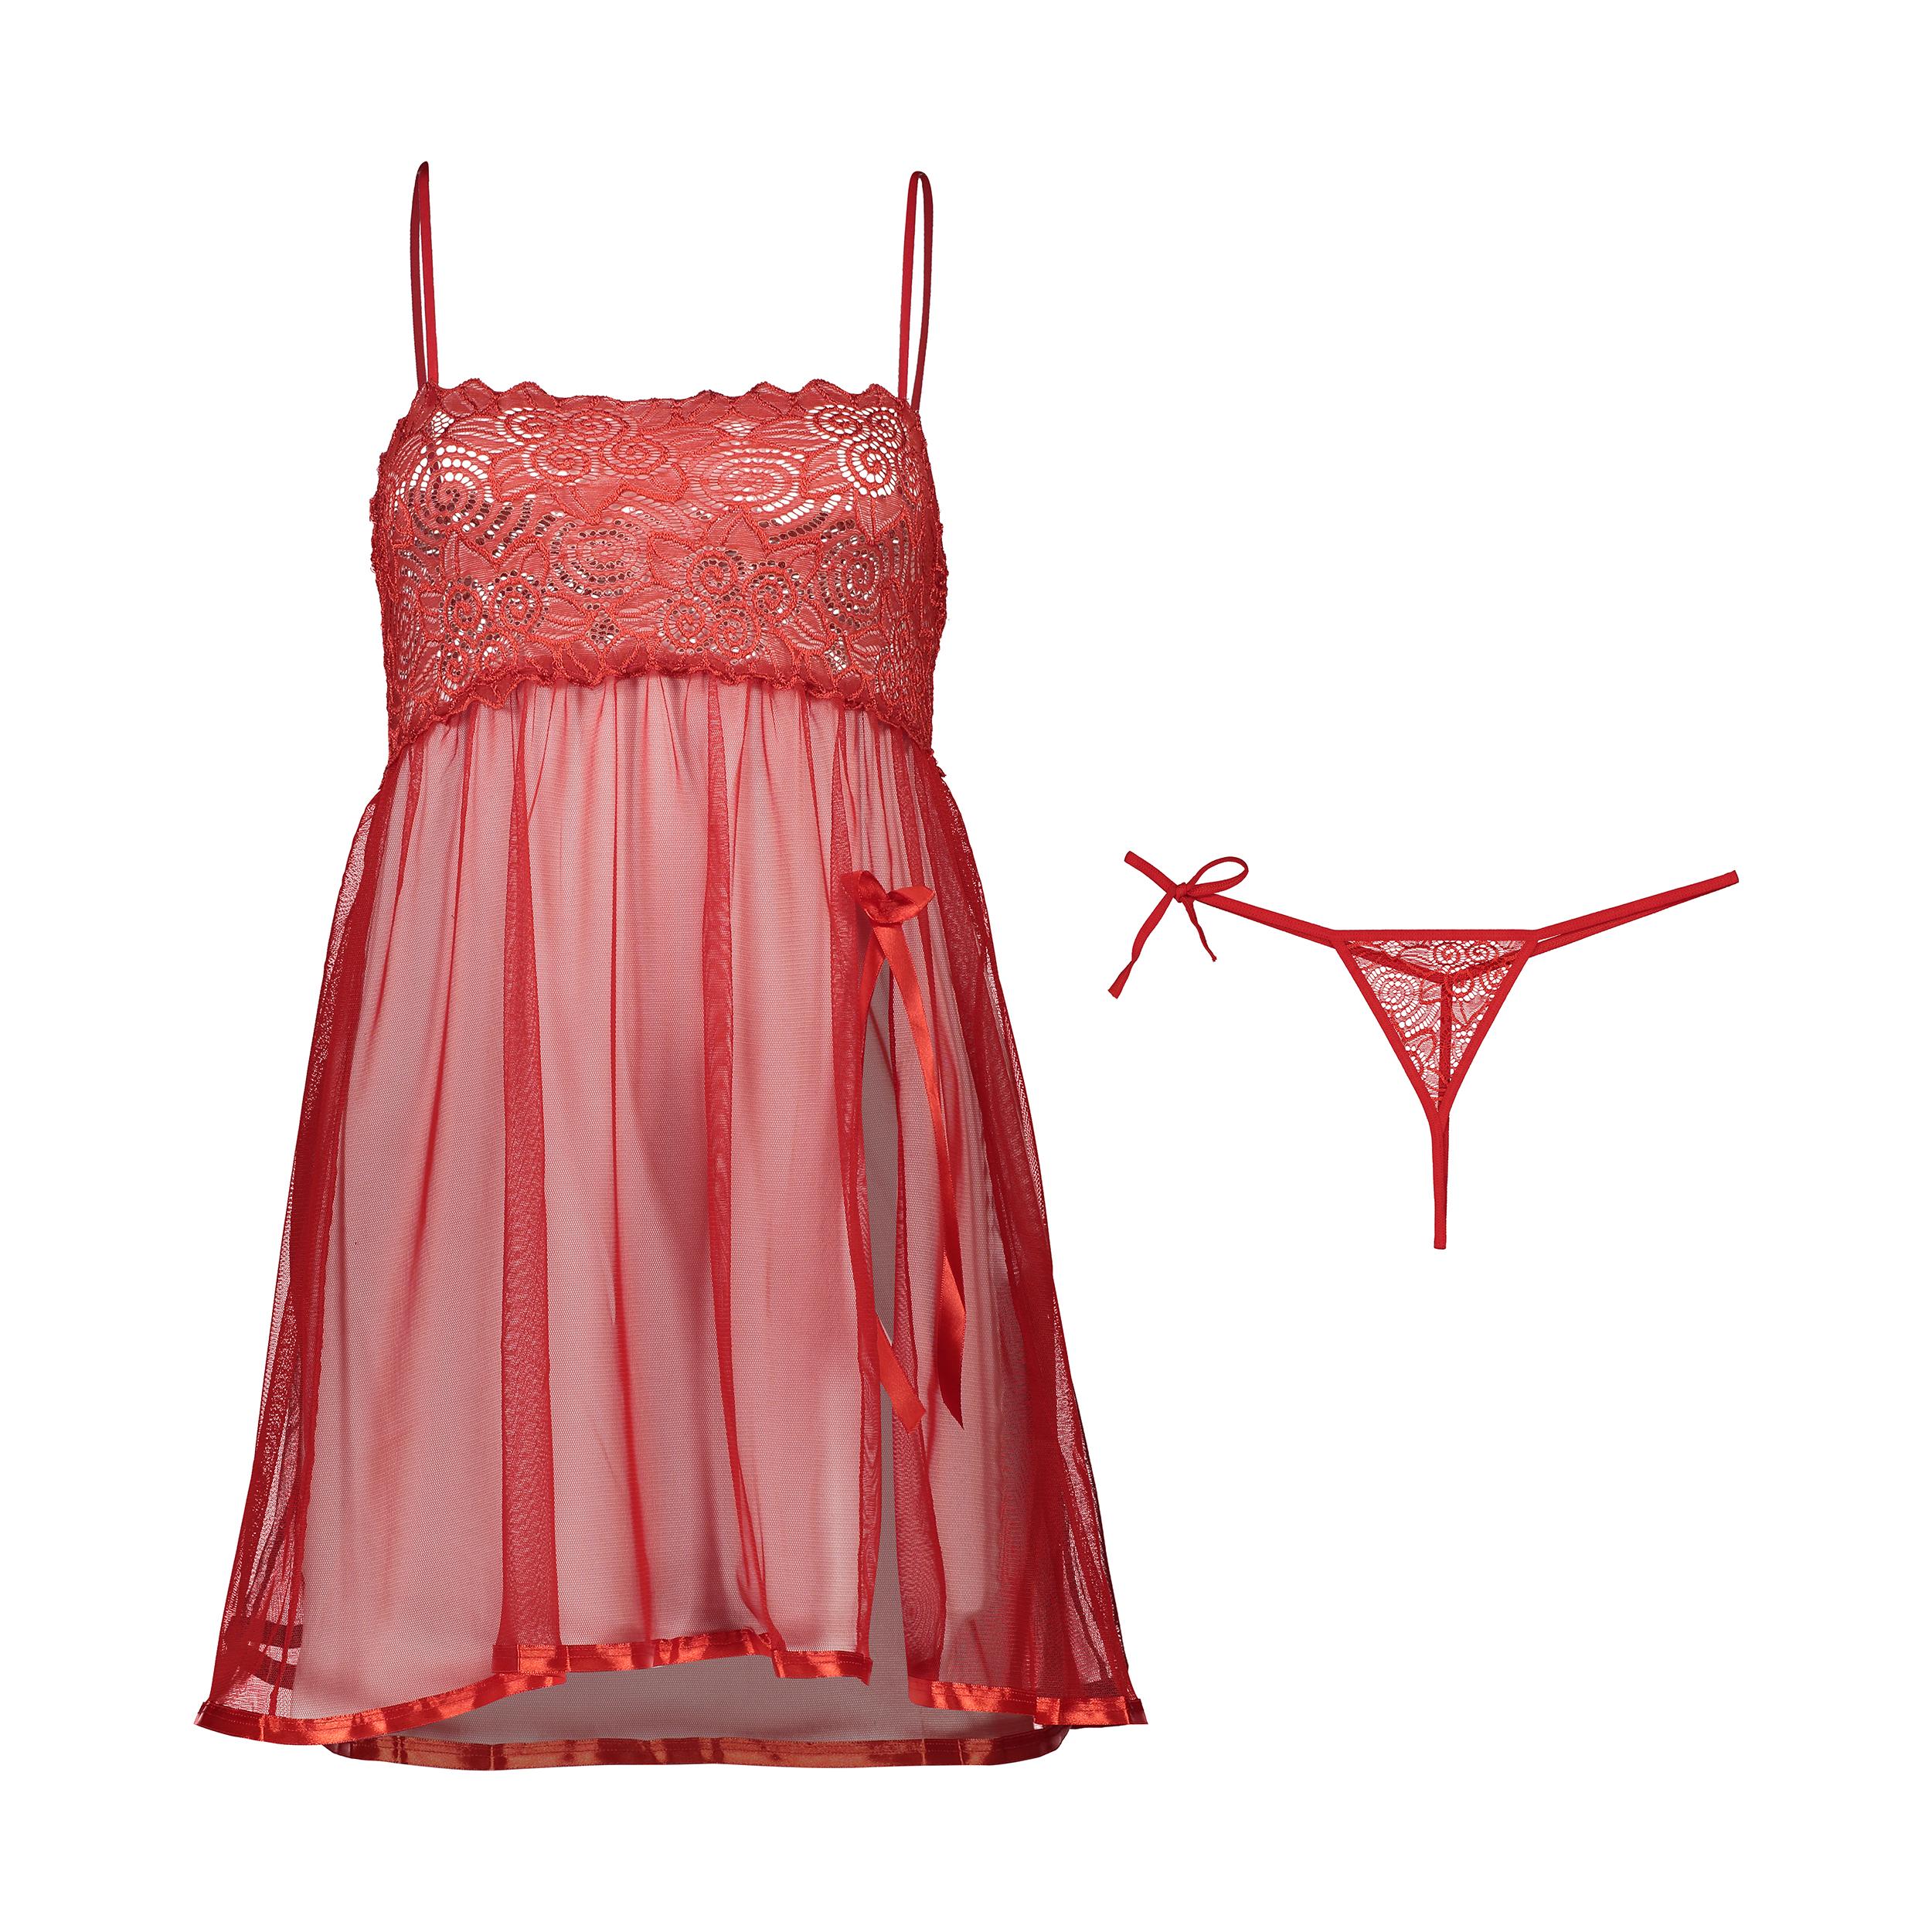 لباس خواب زنانه کد 501